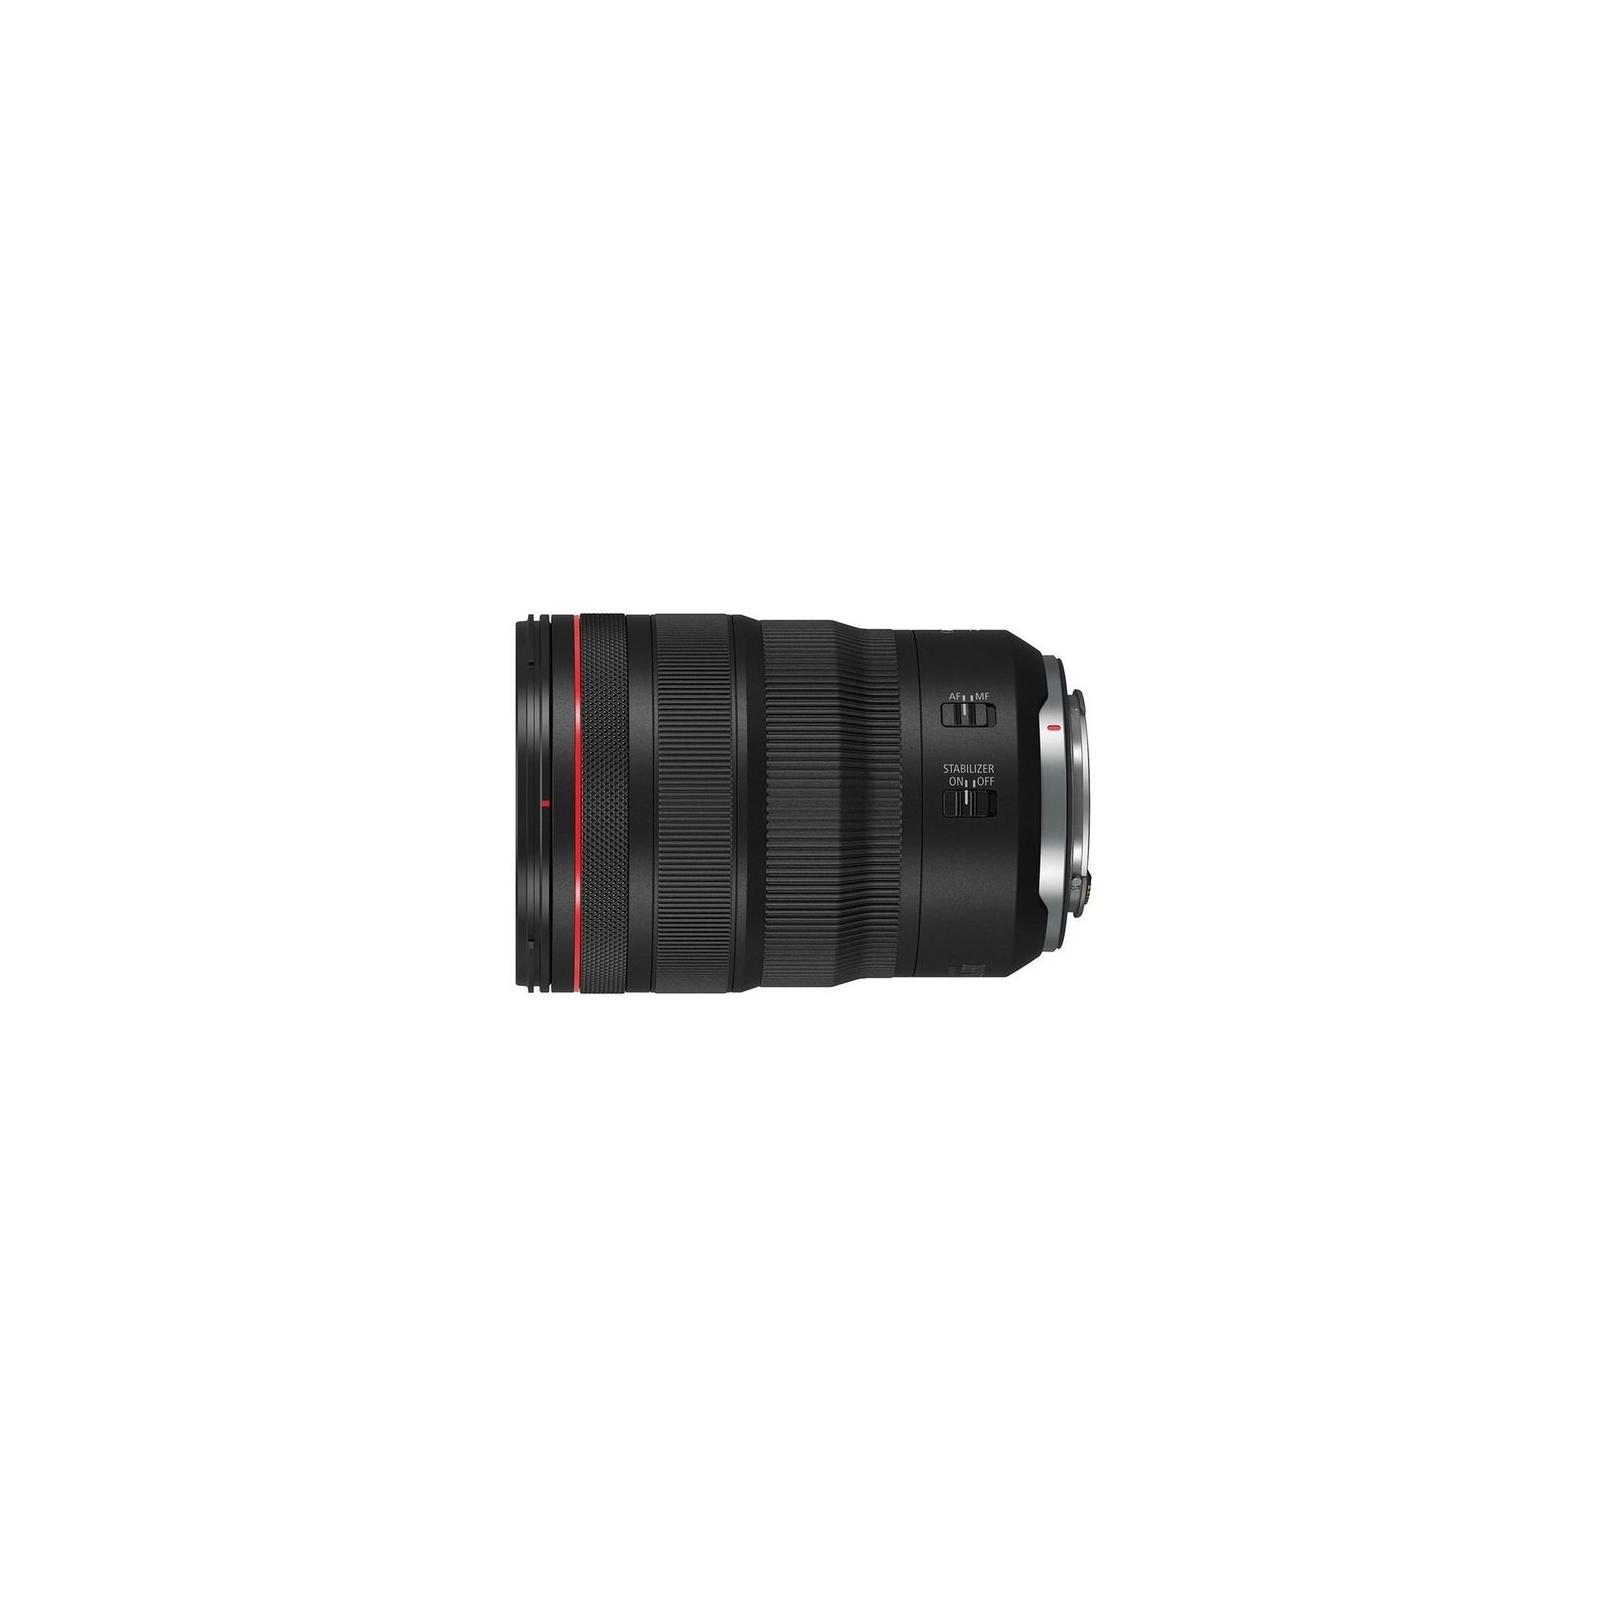 Объектив Canon RF 24-70mm f/2.8 L IS USM (3680C005) изображение 4